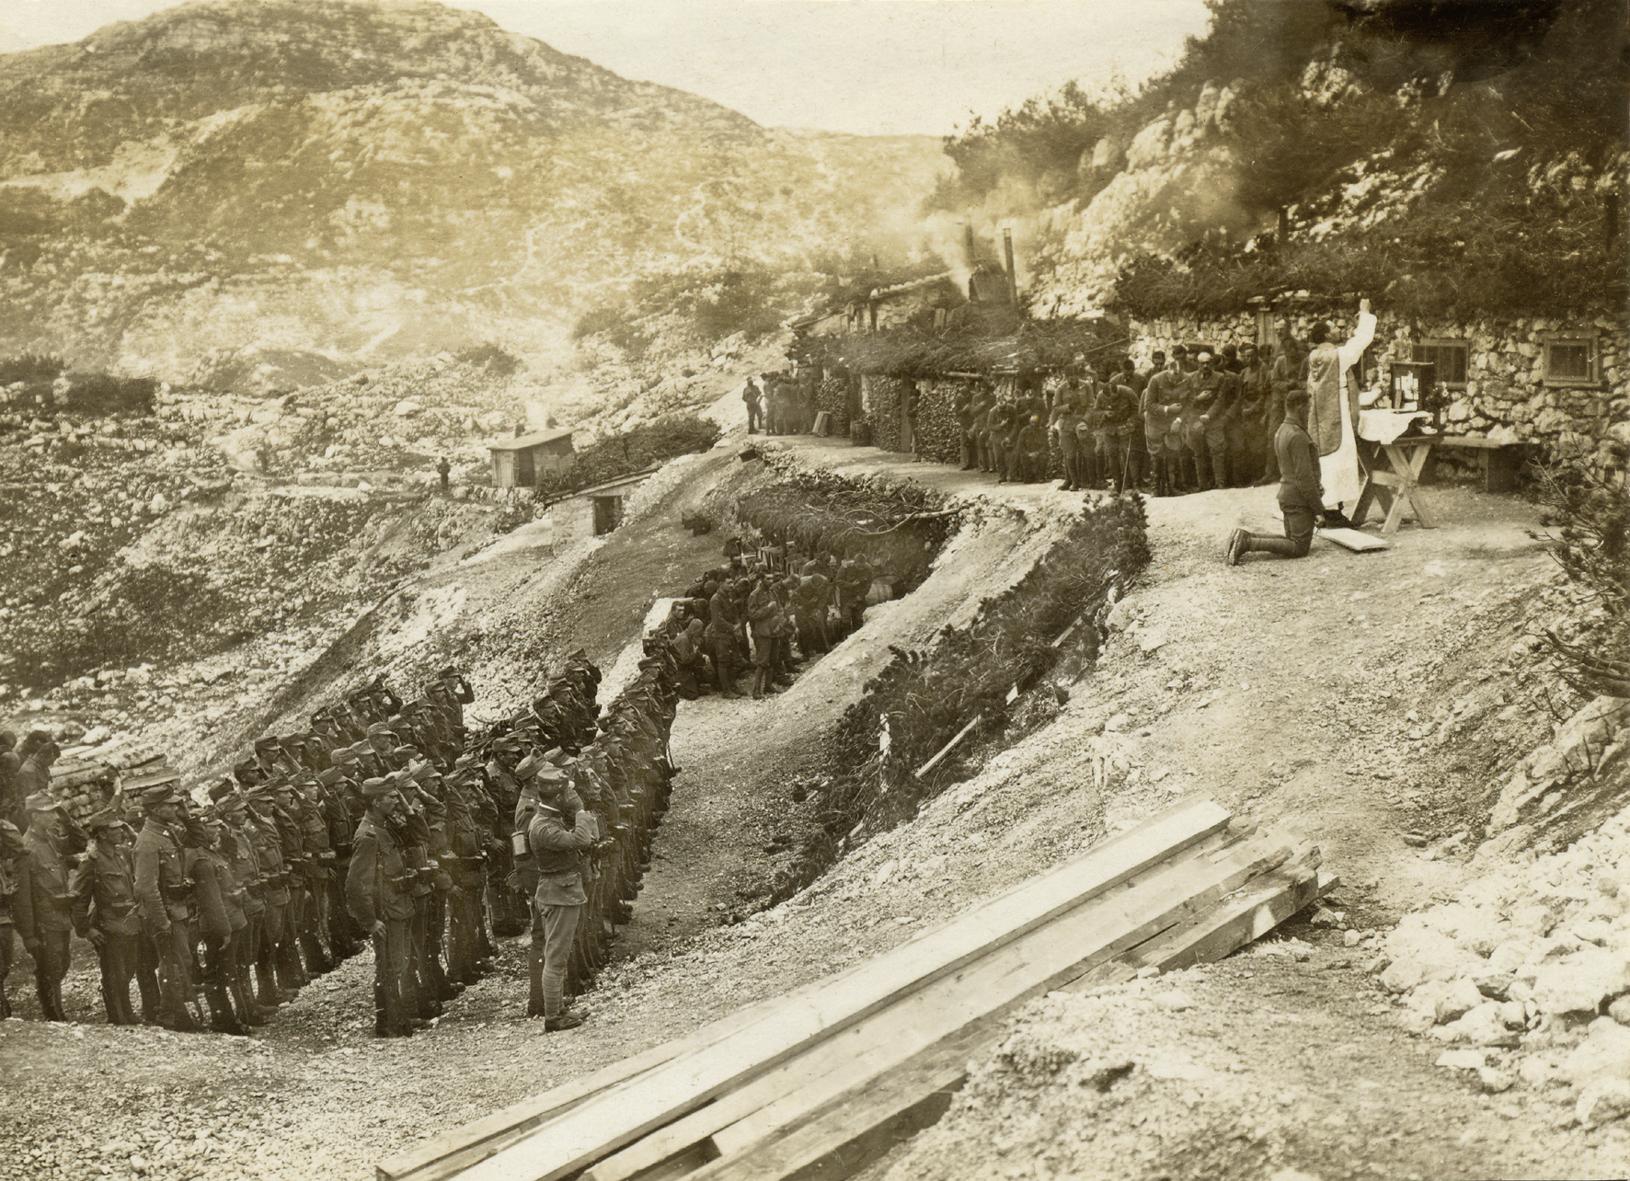 I soldati di tutti gli eserciti cercano rifugio nei conforti religiosi, dispensati durante le messe al campo   LA FEDE